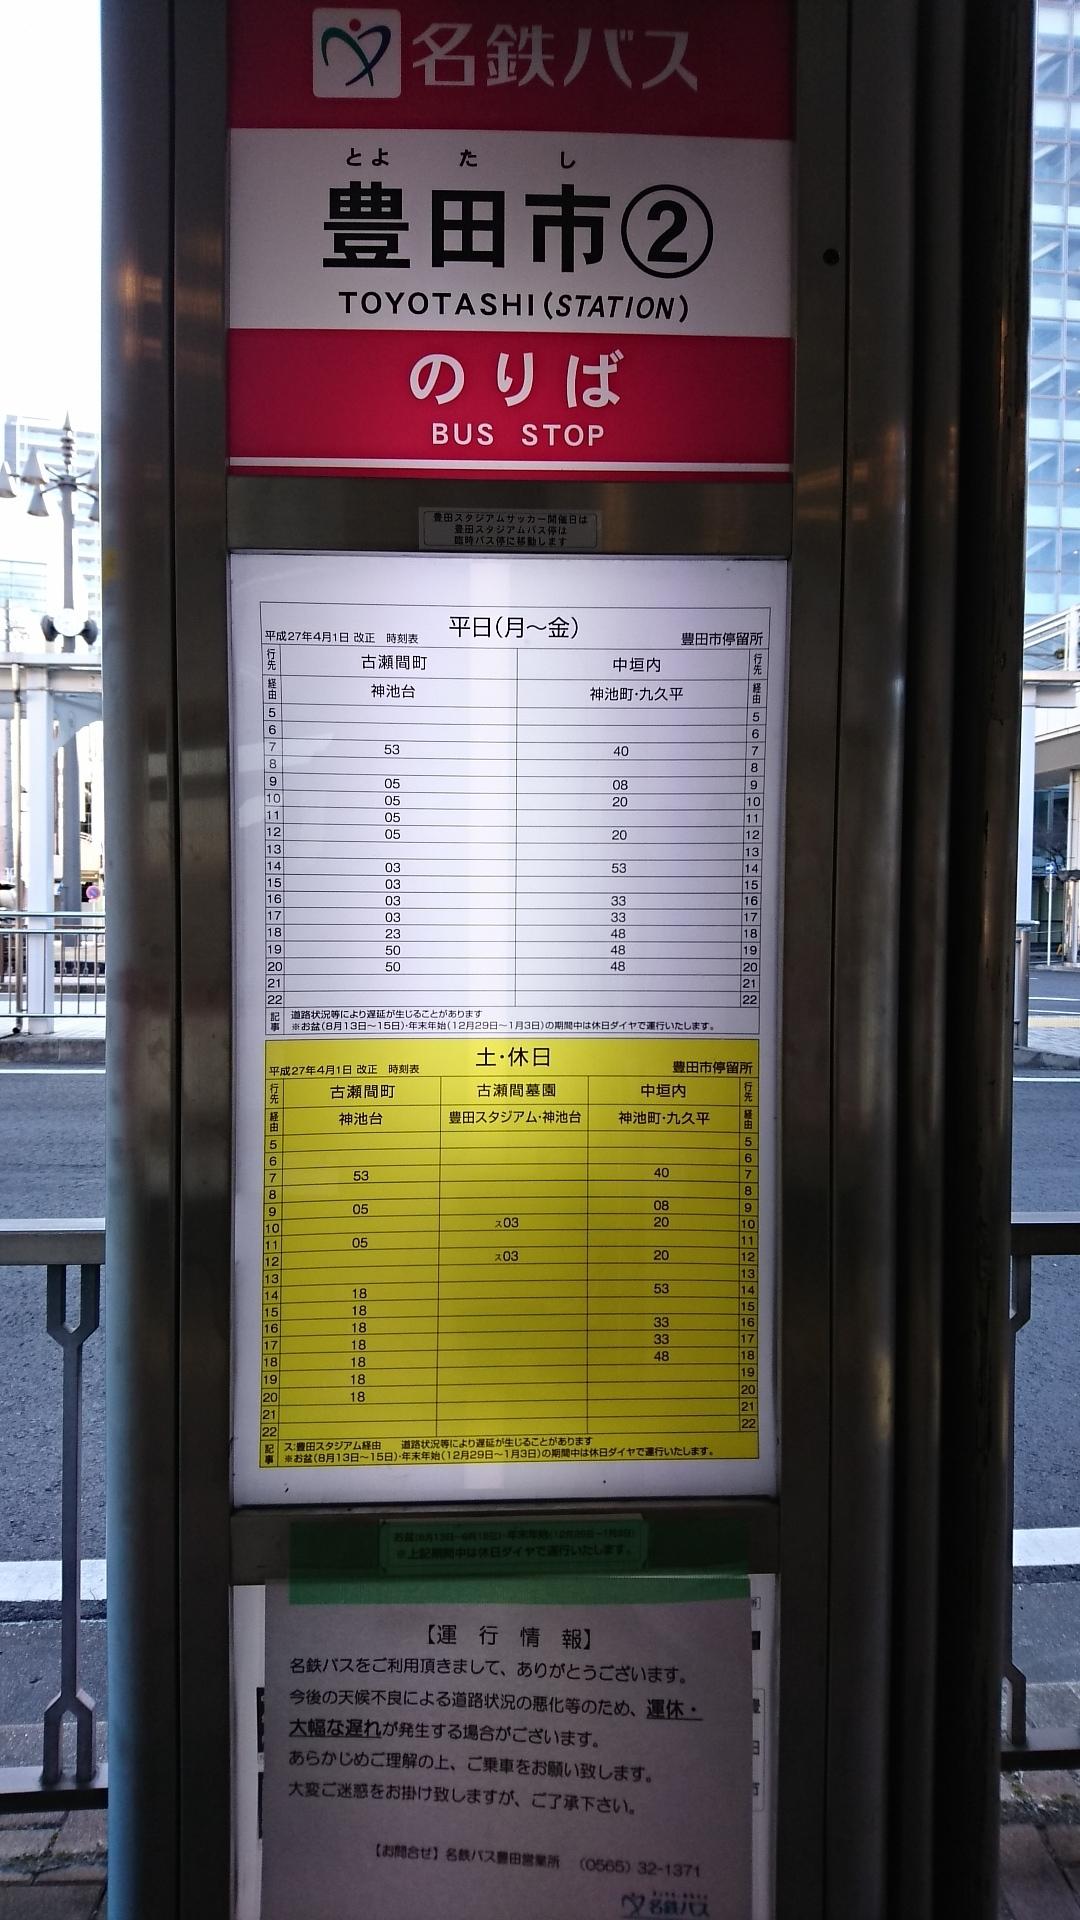 2018.2.27 (26) 豊田市 - 名鉄バス時刻表 1080-1920